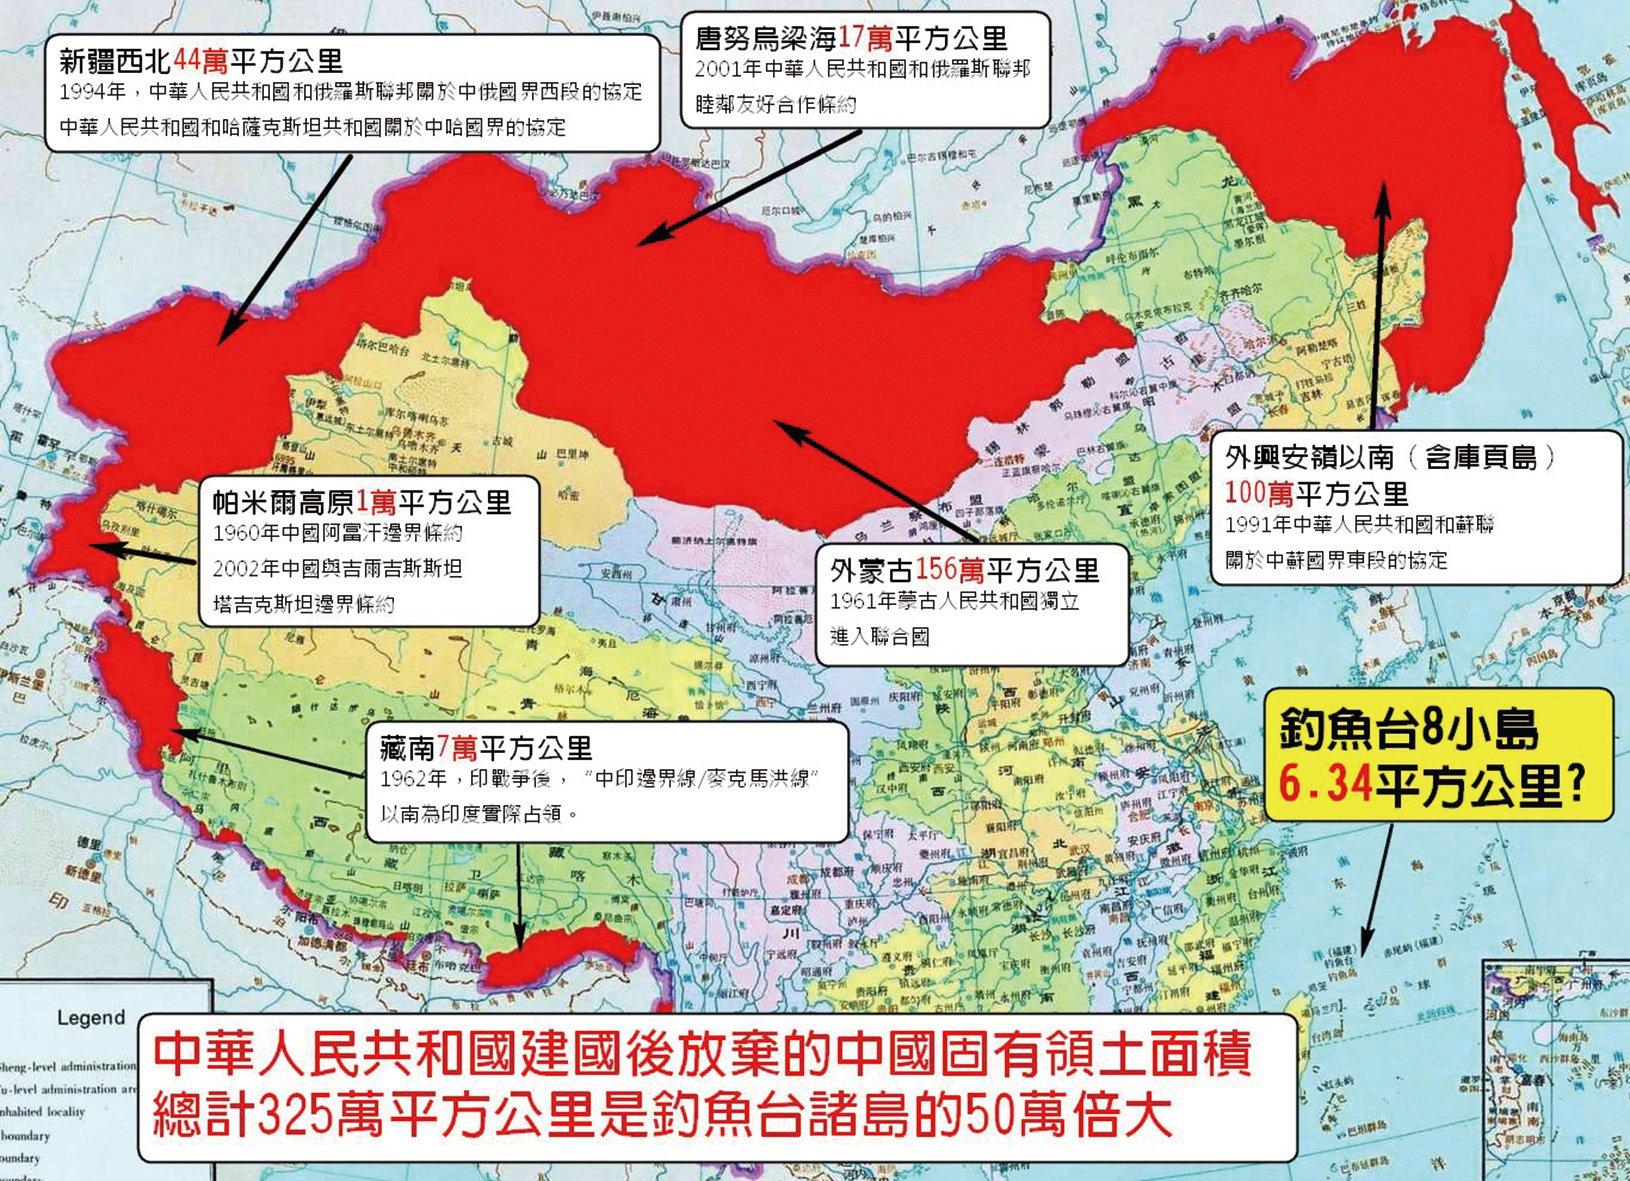 中共當政後出賣中國國土一覽圖。(網絡圖片)